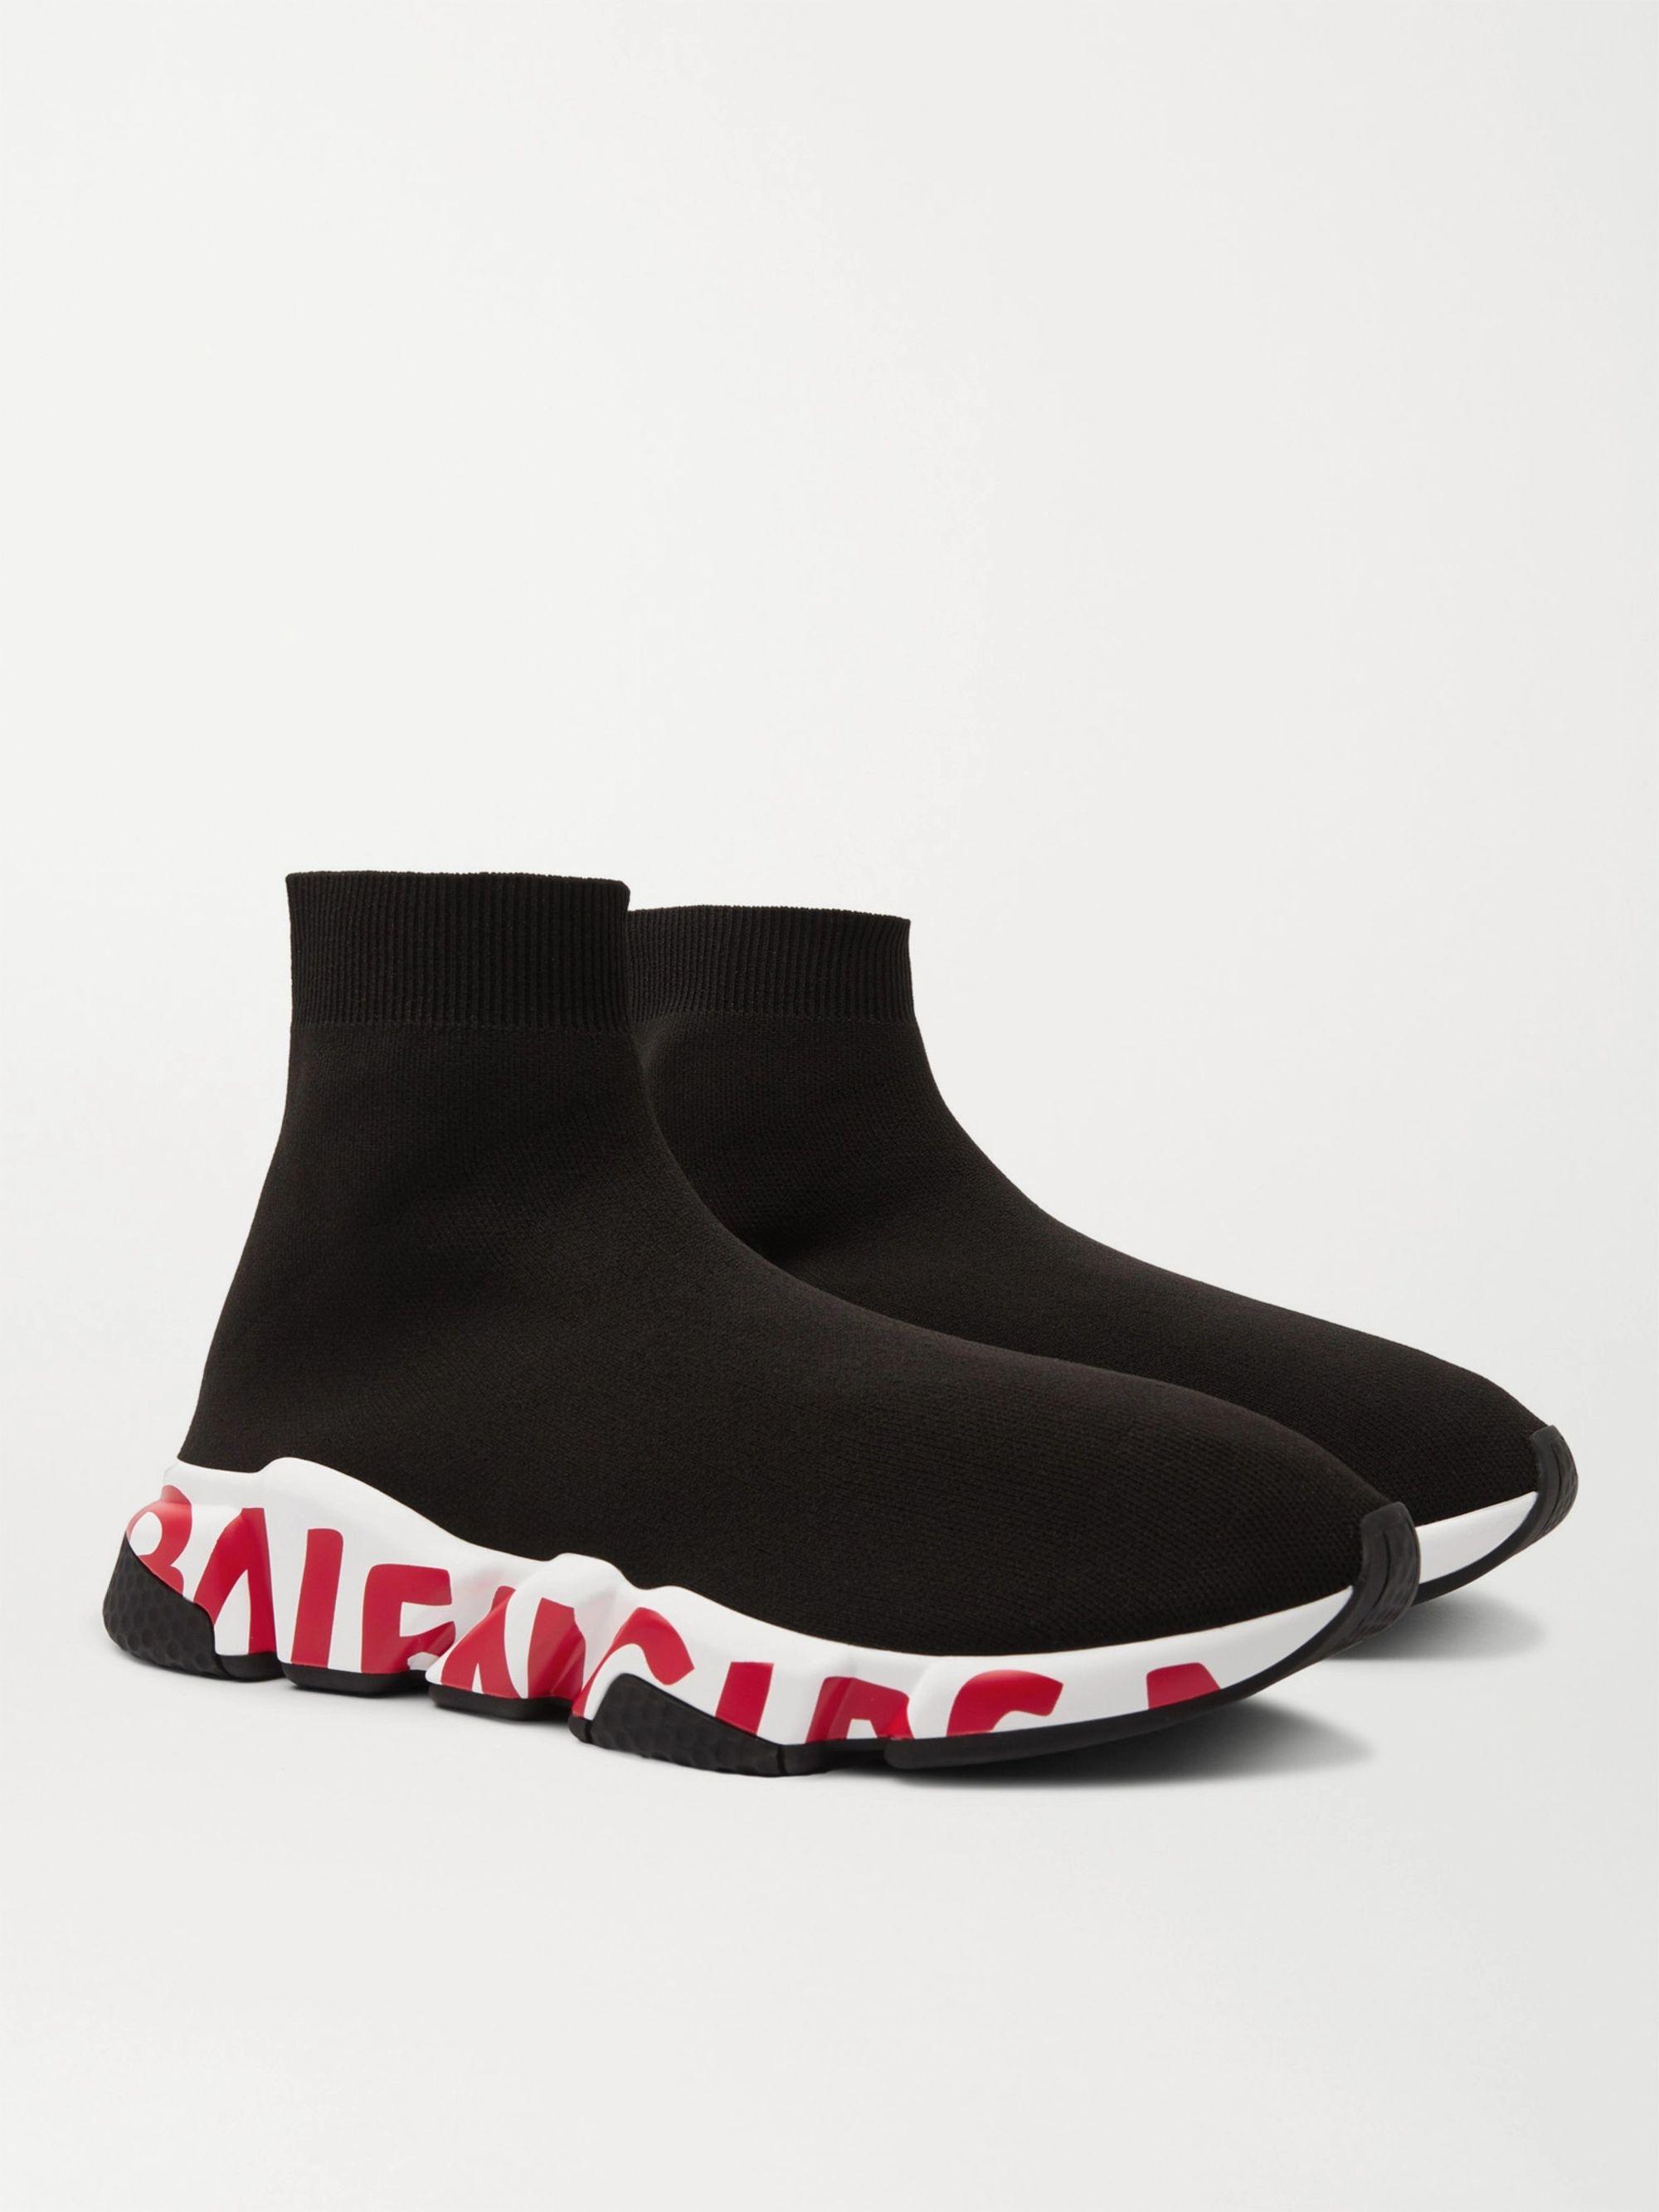 발렌시아가 스피드러너 그래피티 남성용 - 블랙/레드 Balenciaga Speed Sock Logo-Print Stretch-Knit Slip-On Sneakers,Black